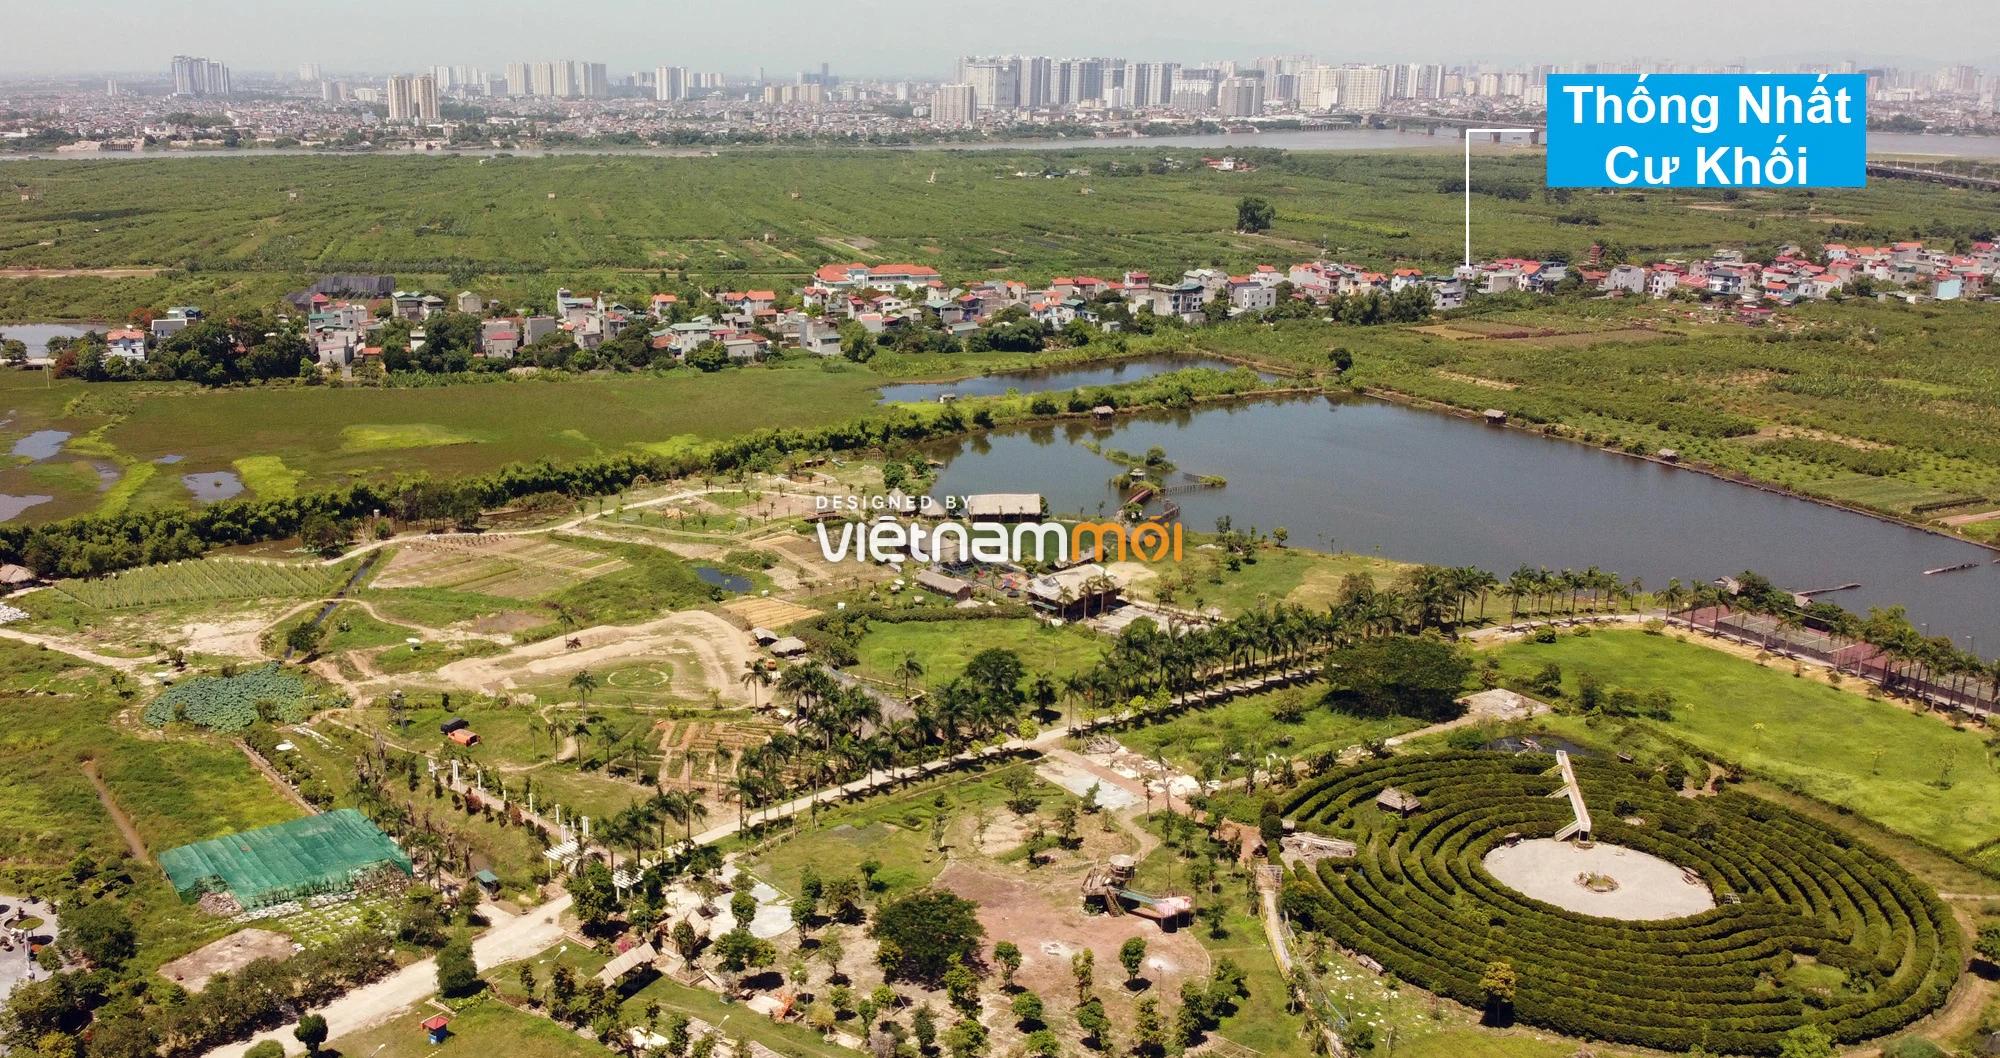 Hà Nội: Toàn cảnh hai bãi sông Hồng được phép xây dựng - Ảnh 17.